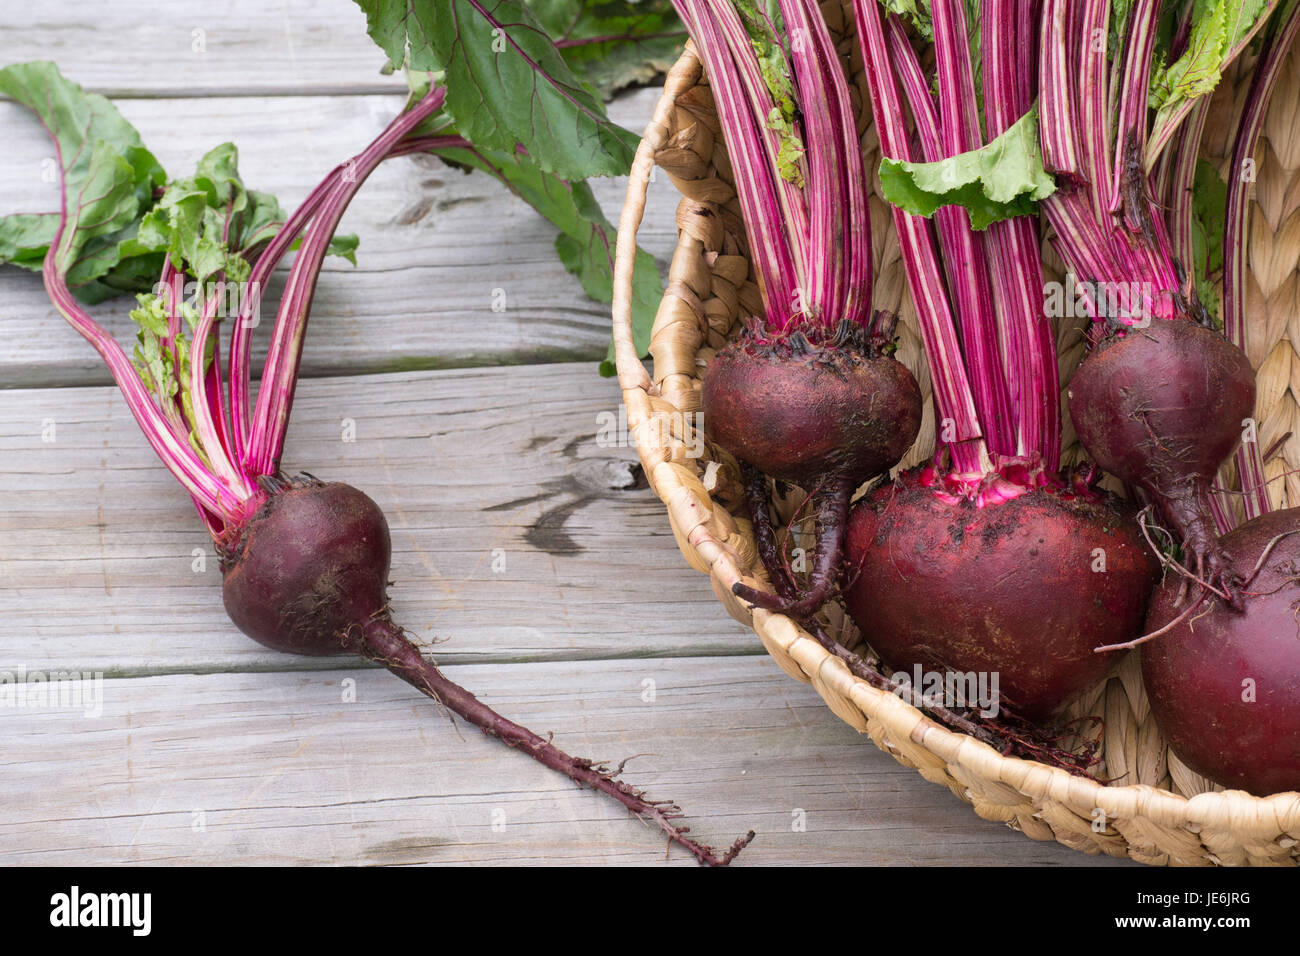 Closeup-Fresh Les betteraves du jardin avec de riches couleurs rouge mis en valeur par les feuilles vertes - la Photo Stock